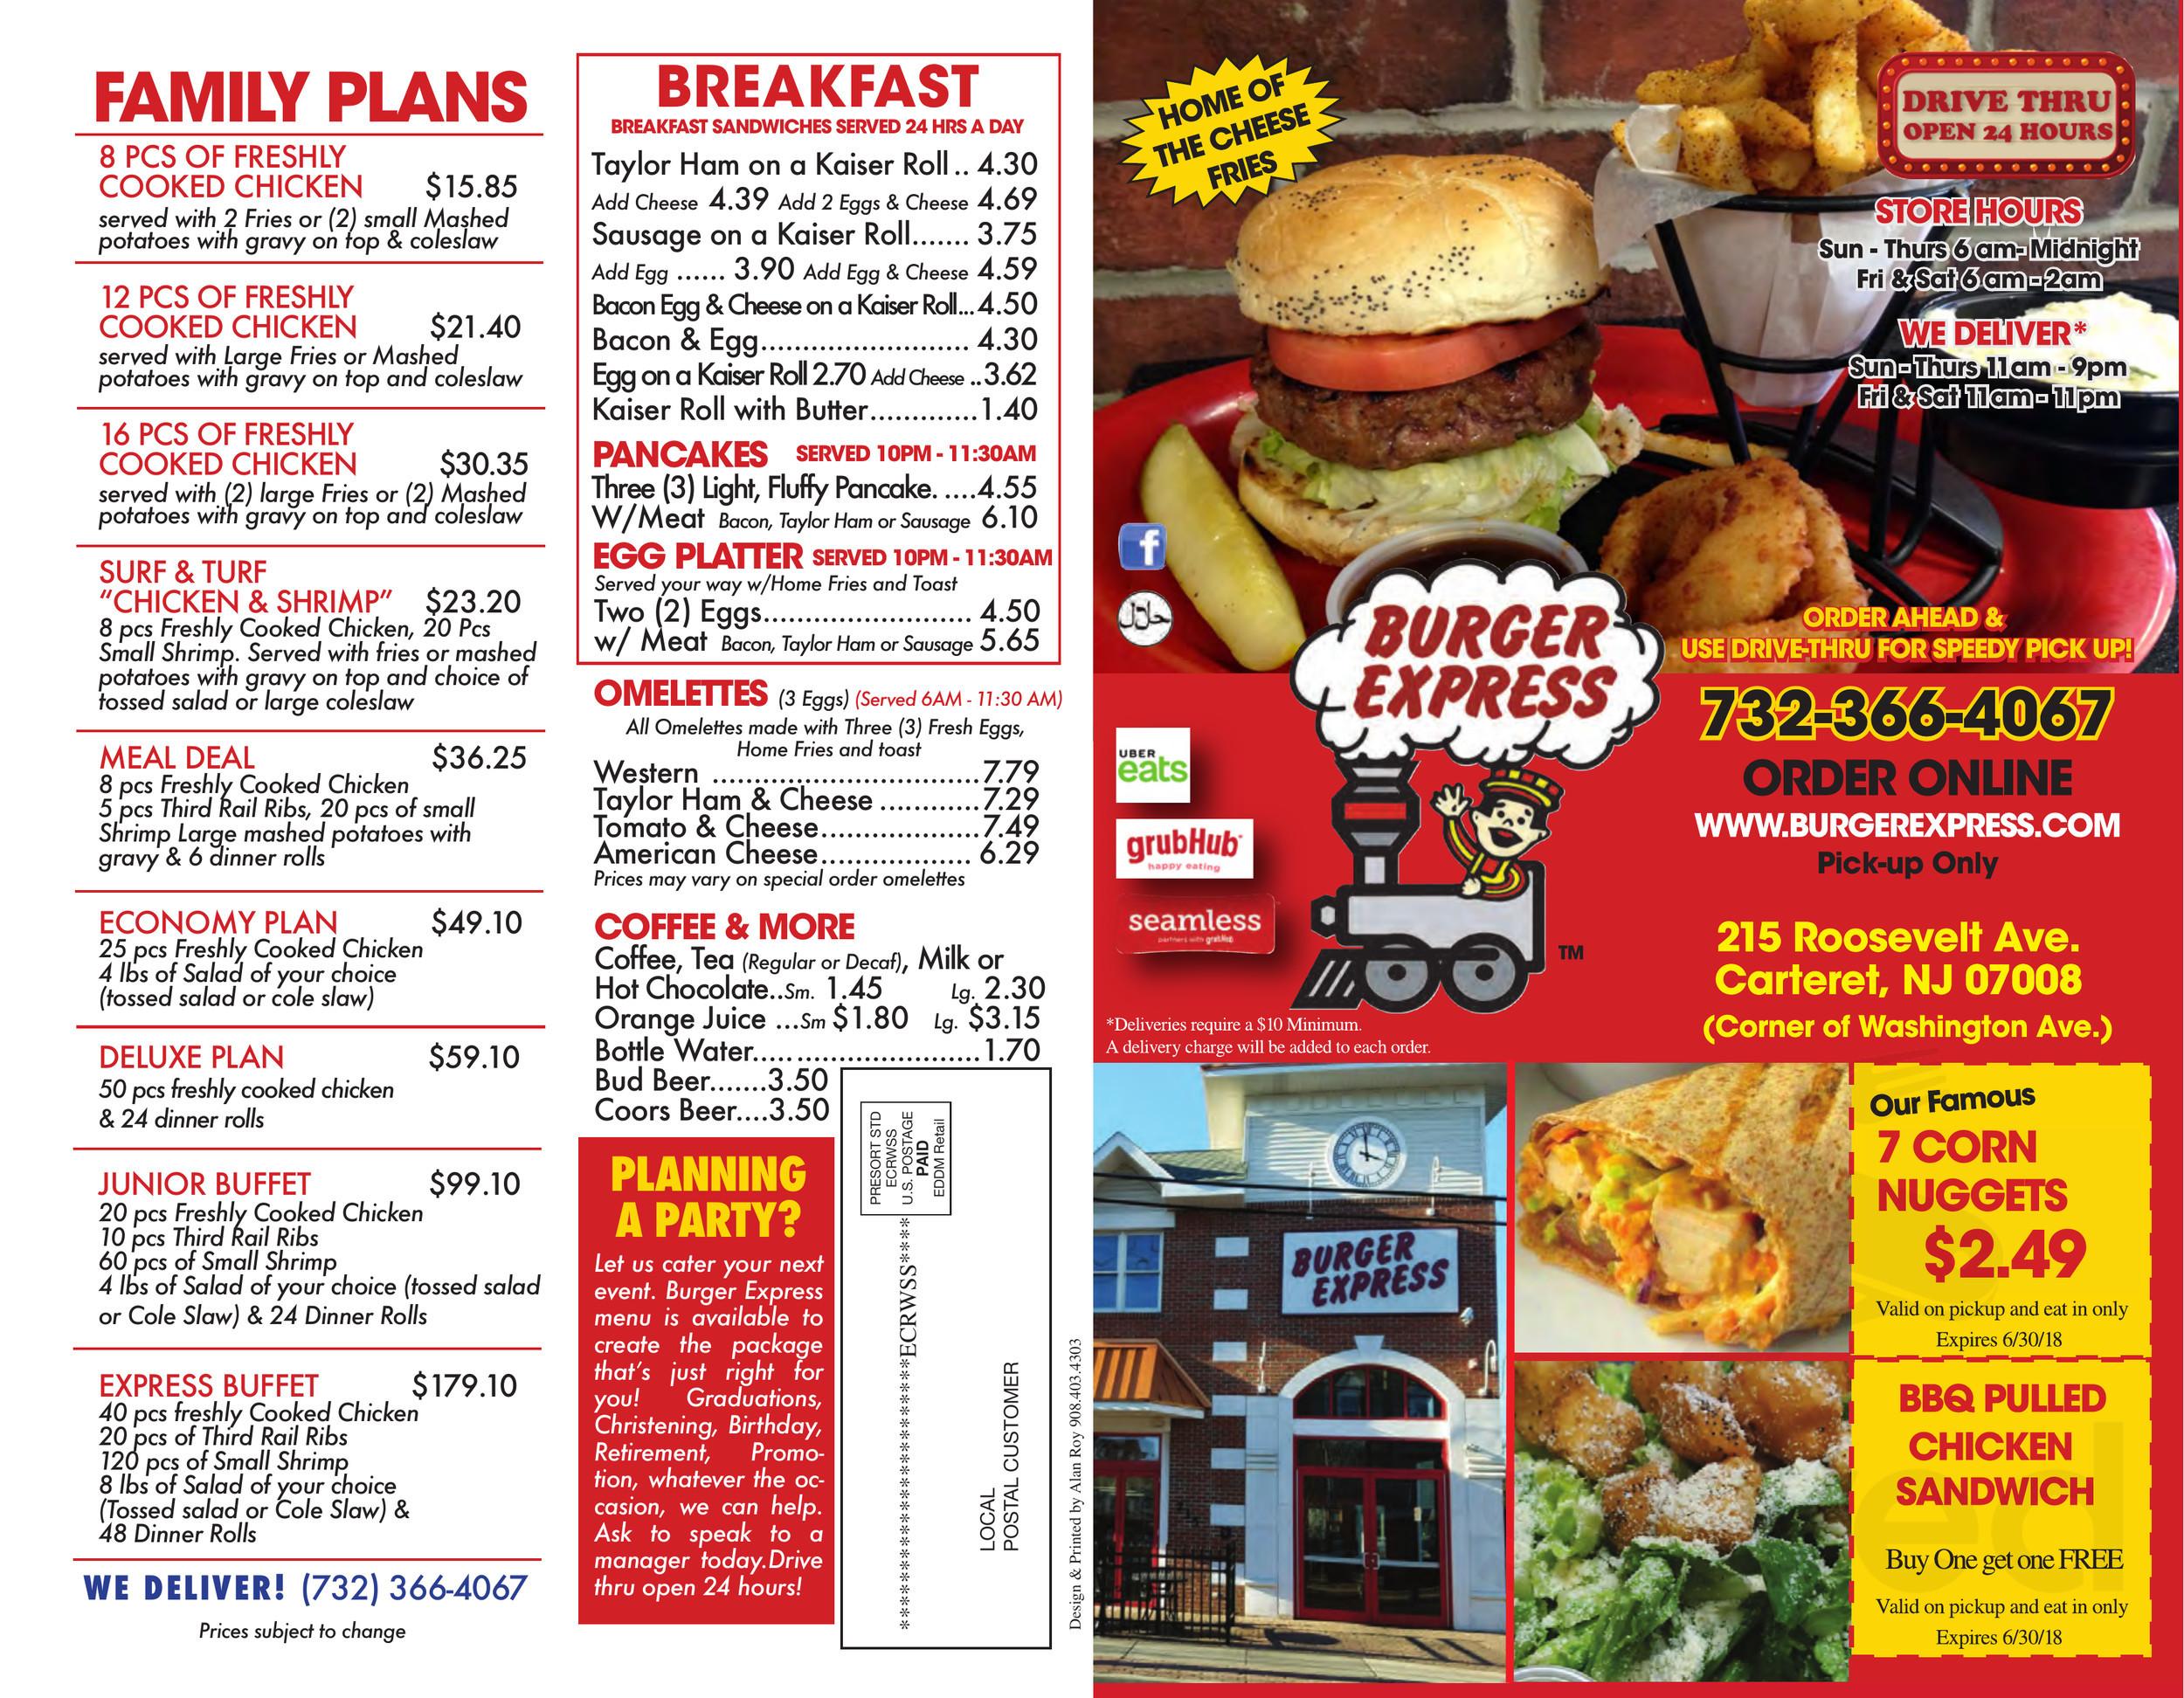 Burger express coupons free